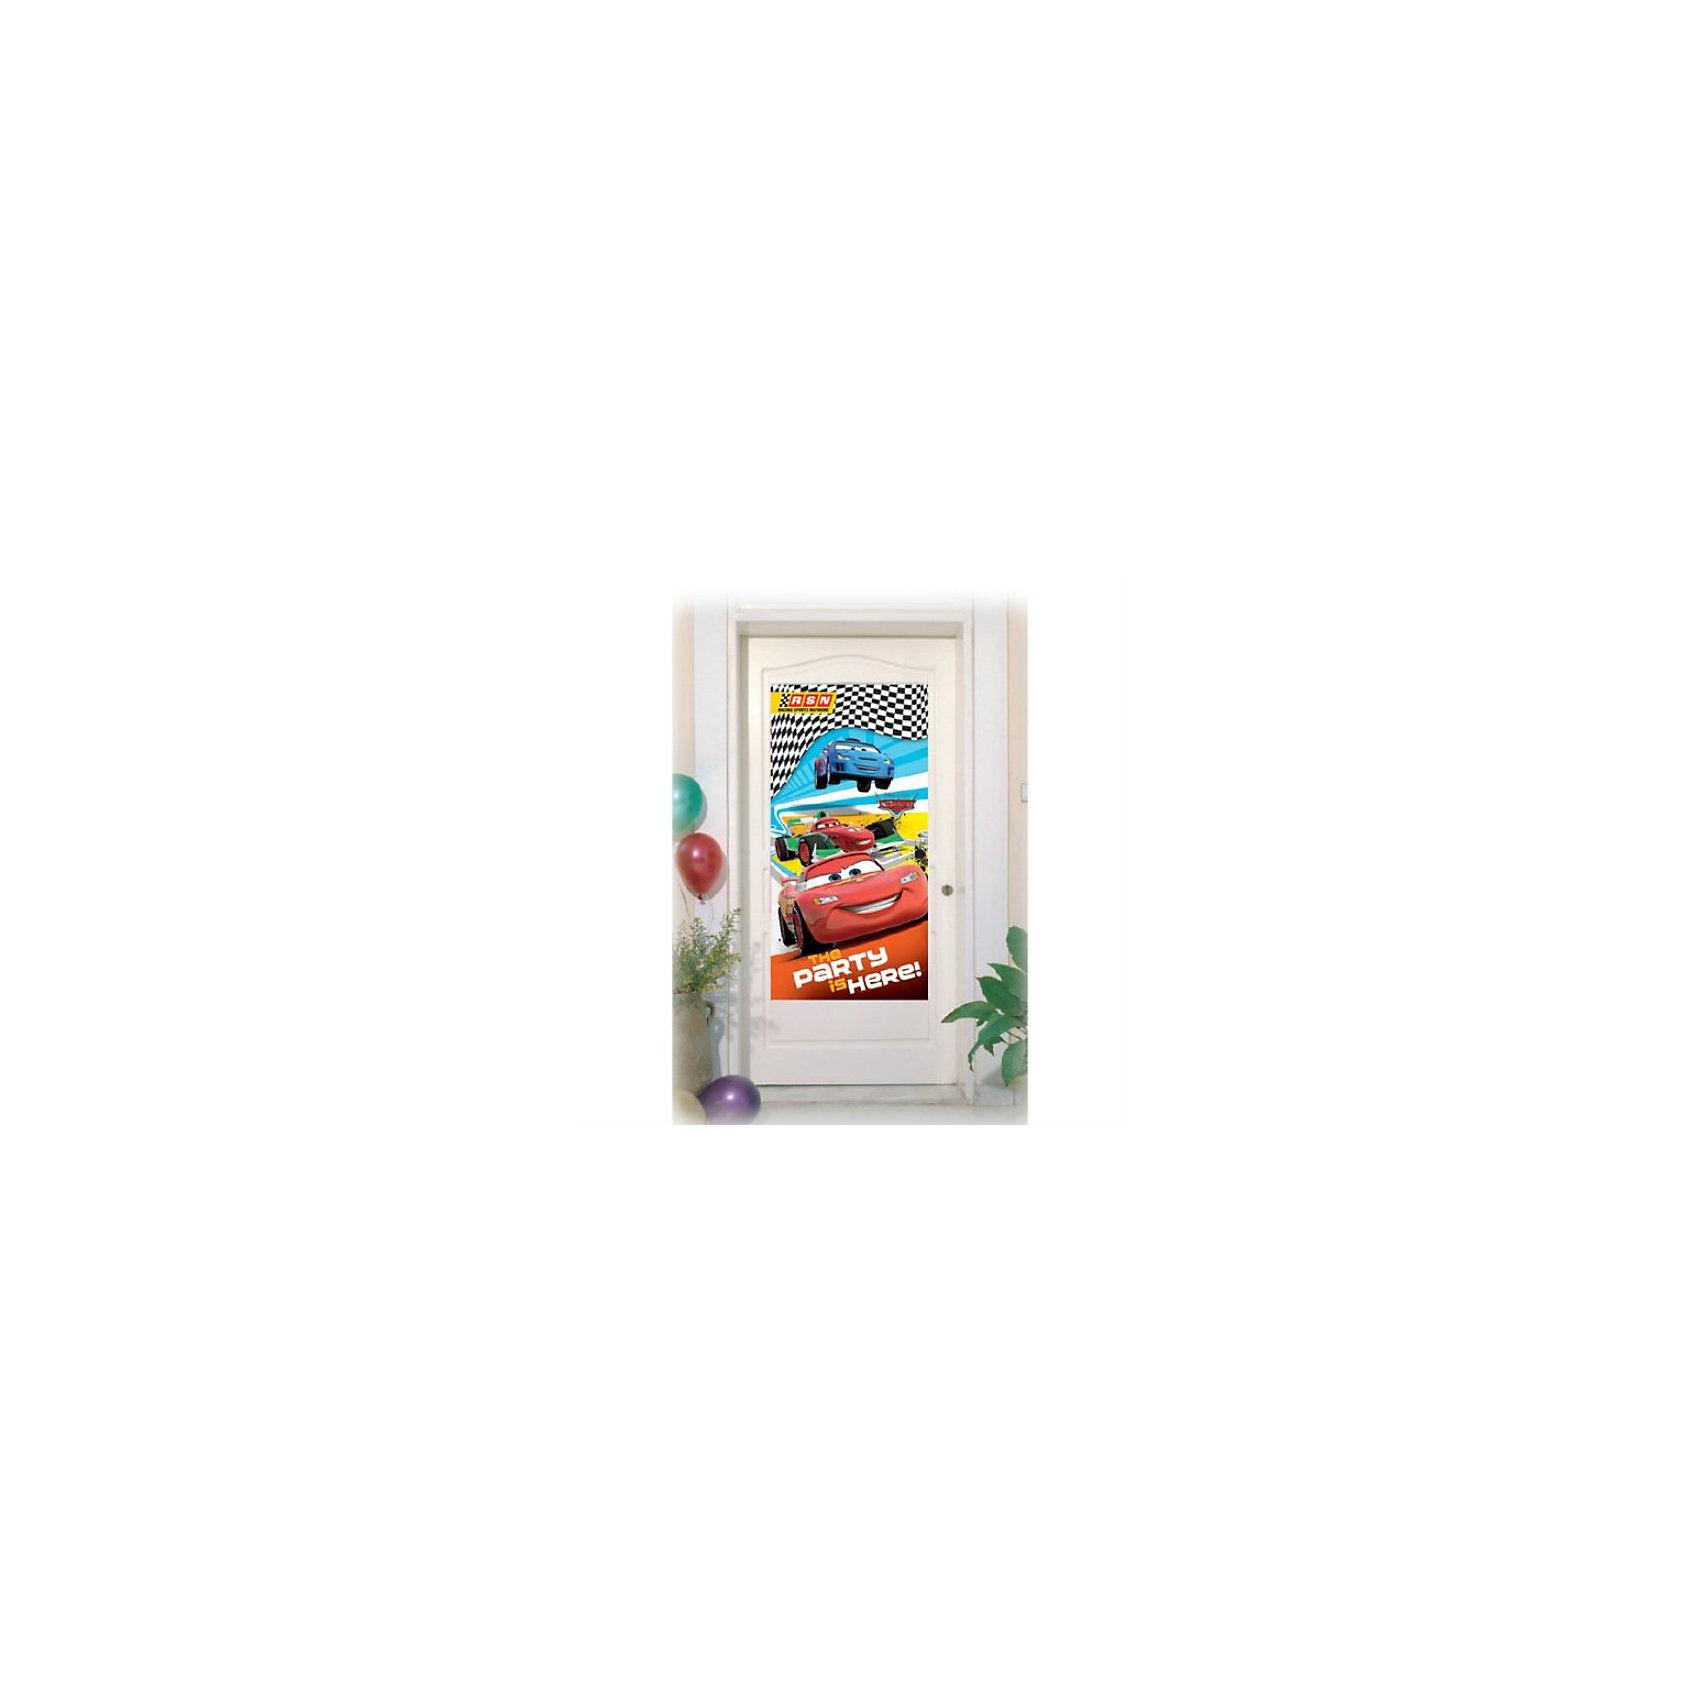 Баннер на дверь Тачки RSNТачки<br>Баннер на дверь Тачки (Cars) RSN.<br>Баннер на дверь из детской праздничной серии Тачки (Cars) RSN создаст ощущение праздника и веселья еще до того, как Ваши гости зайдут в комнату. Устройте веселое торжество с помощью аксессуаров из серии «Тачки (Cars)», которая так нравятся деткам. <br>Для детей от 3 лет. <br><br><br>Дополнительная информация:<br><br>10х210х360 мм<br><br>Поднимет настроение всей компании Вашего малыша!<br>Легко приобрести в нашем интернет-магазине!<br><br>Ширина мм: 10<br>Глубина мм: 210<br>Высота мм: 360<br>Вес г: 63<br>Возраст от месяцев: 36<br>Возраст до месяцев: 84<br>Пол: Мужской<br>Возраст: Детский<br>SKU: 3360043